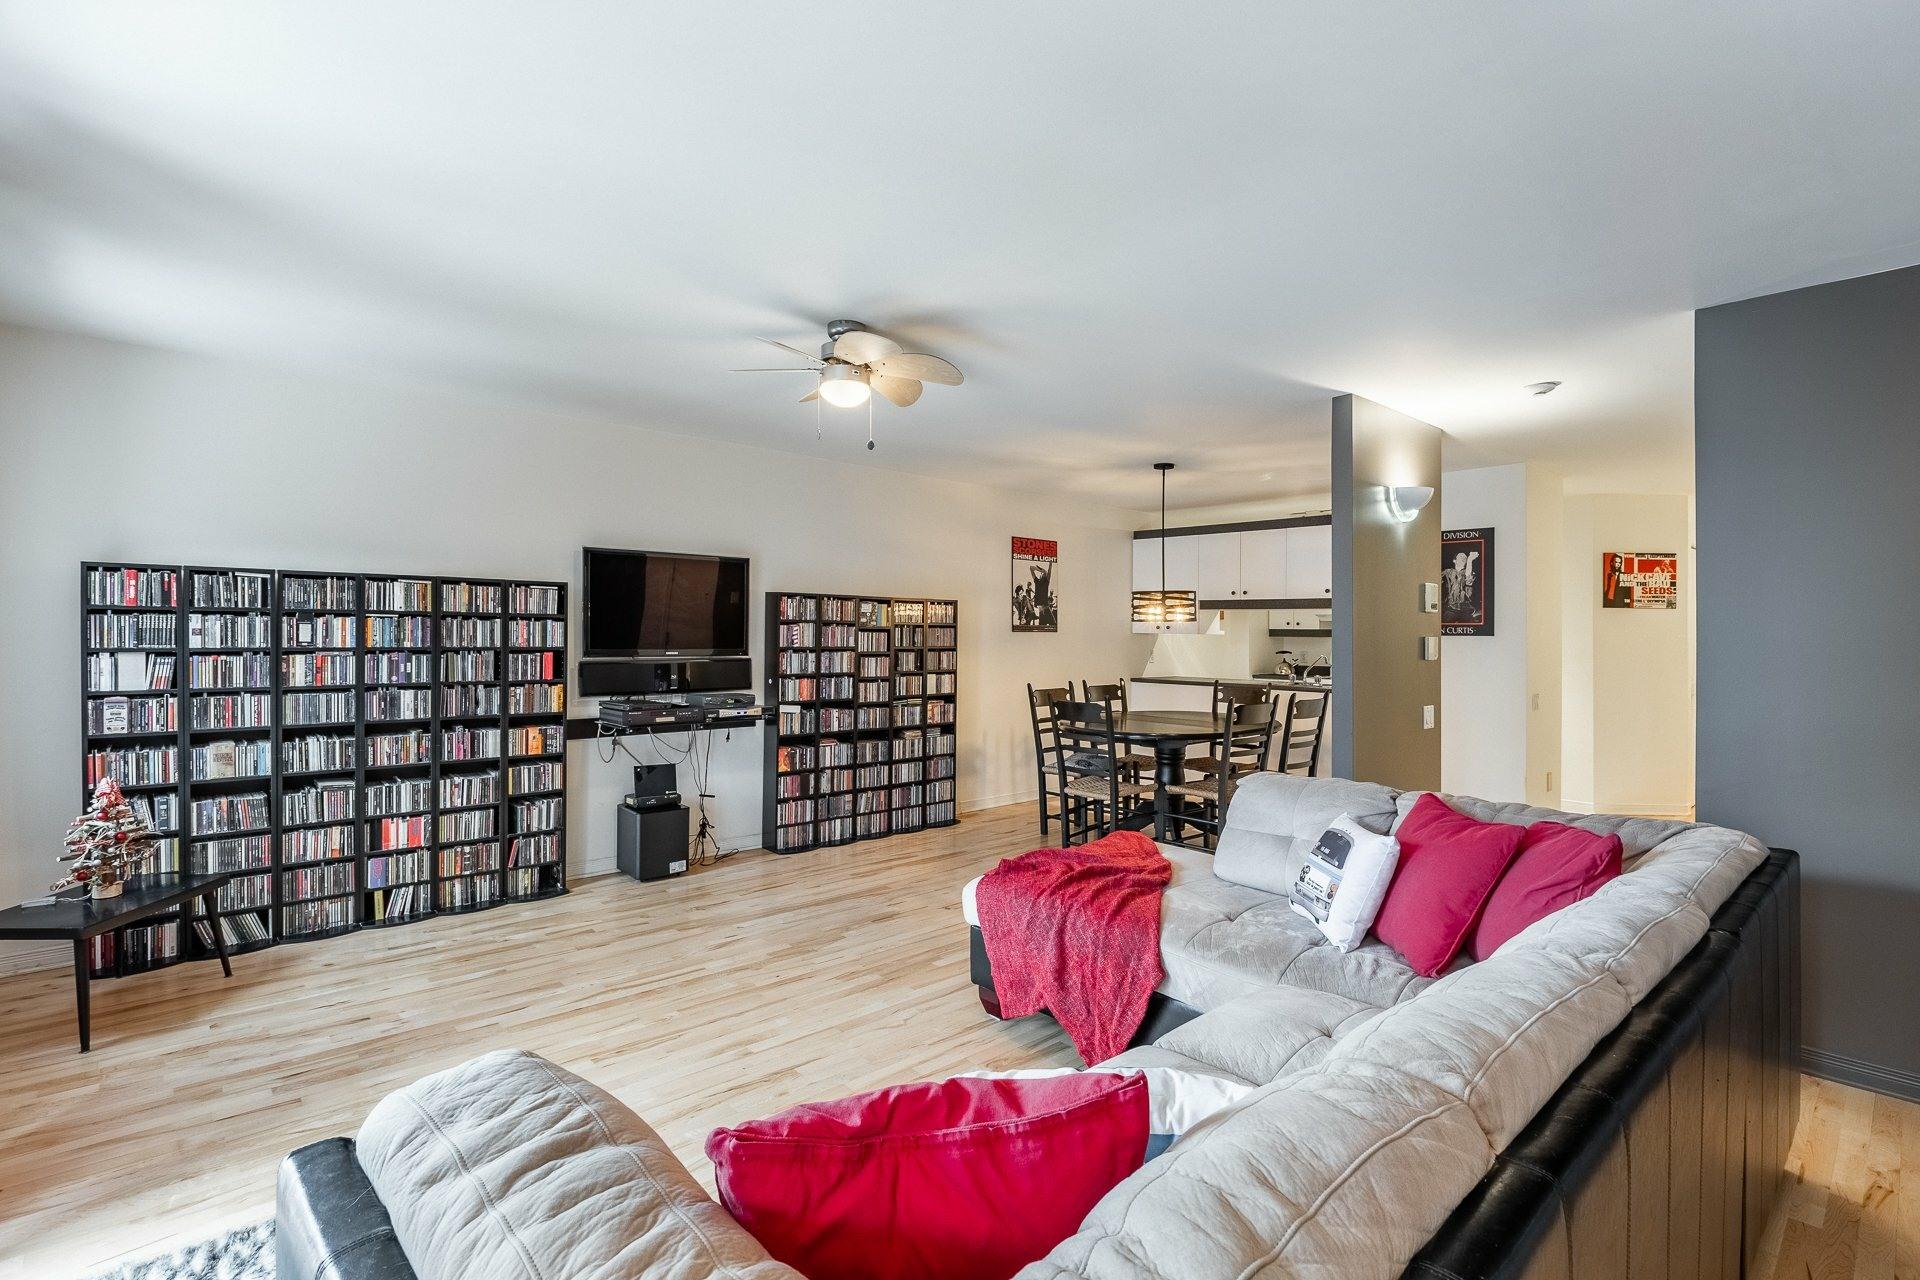 image 3 - Appartement À vendre Montréal Le Plateau-Mont-Royal  - 6 pièces